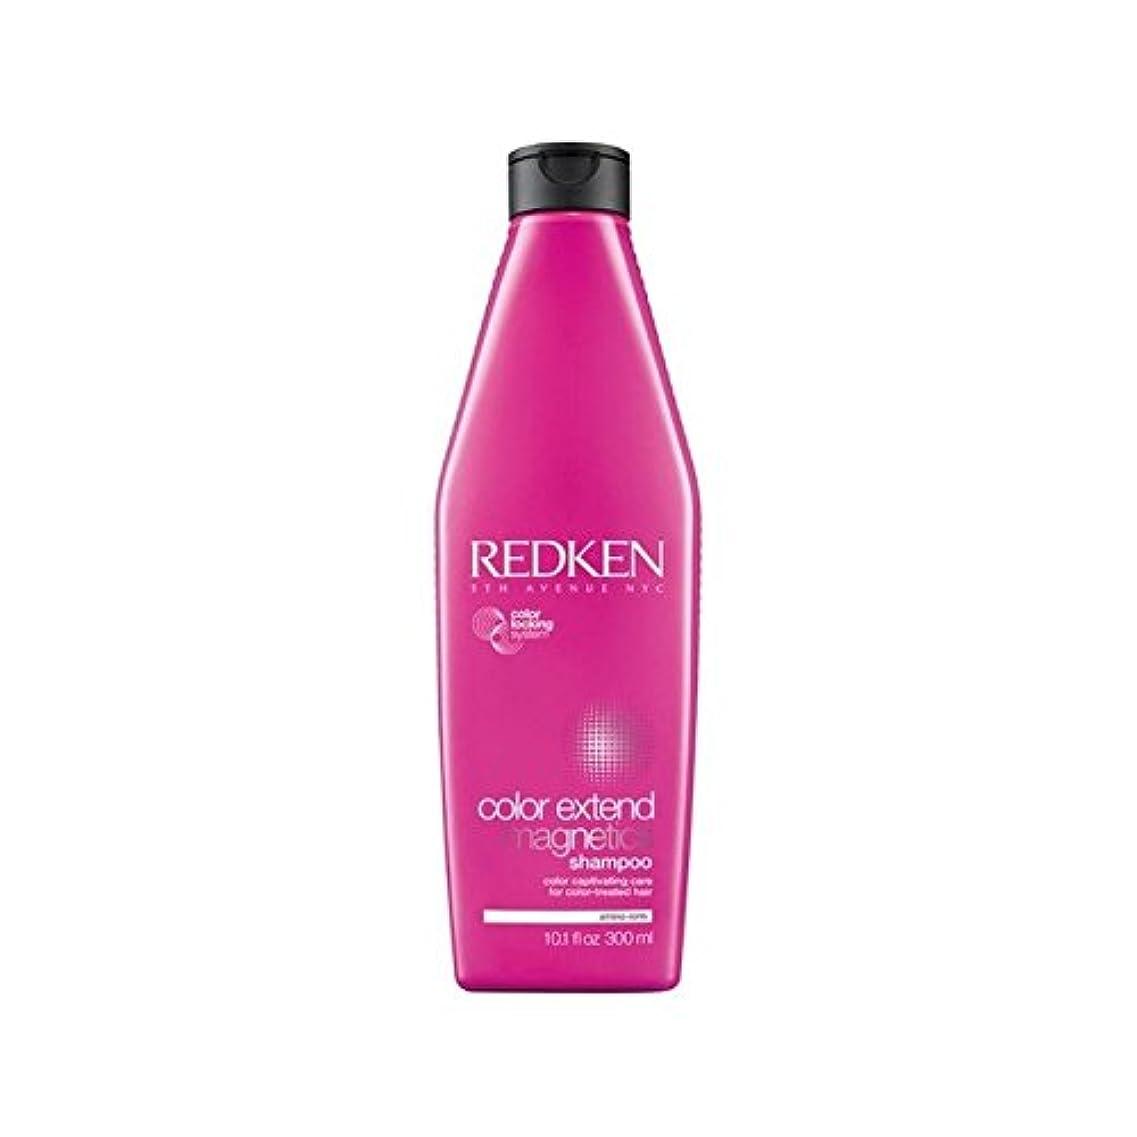 検索エンジン最適化奇跡的な誘発するレッドケン色磁気シャンプー(300ミリリットル)を拡張 x4 - Redken Color Extend Magnetic Shampoo (300ml) (Pack of 4) [並行輸入品]